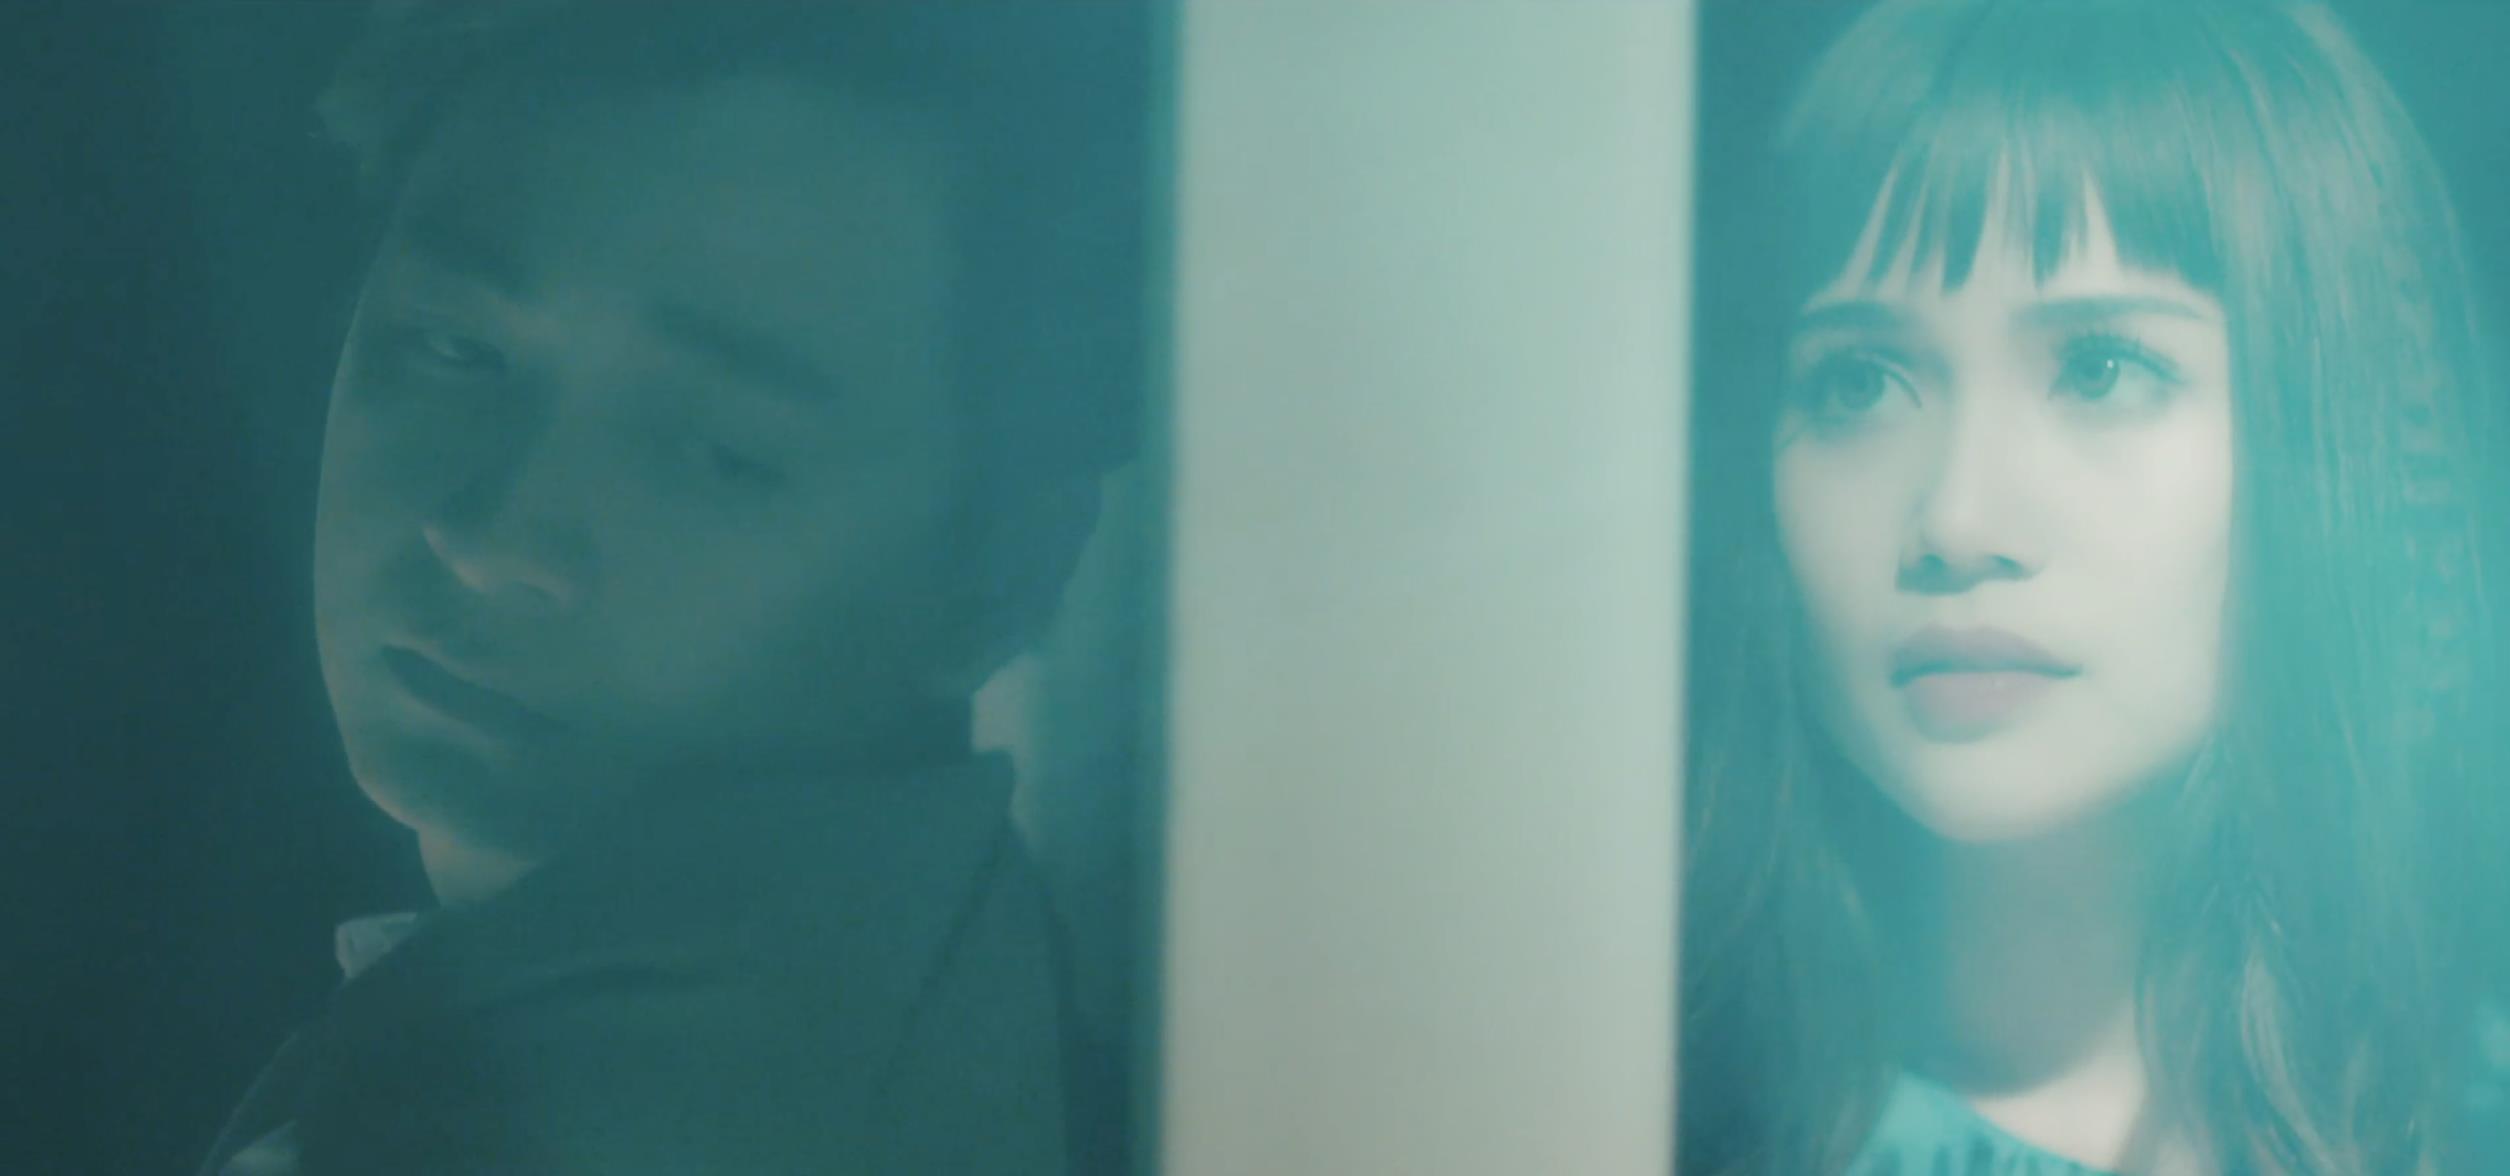 Fan xôn xao với clip kết hợp của Ngô Kiến Huy và Sĩ Thanh - Ảnh 1.